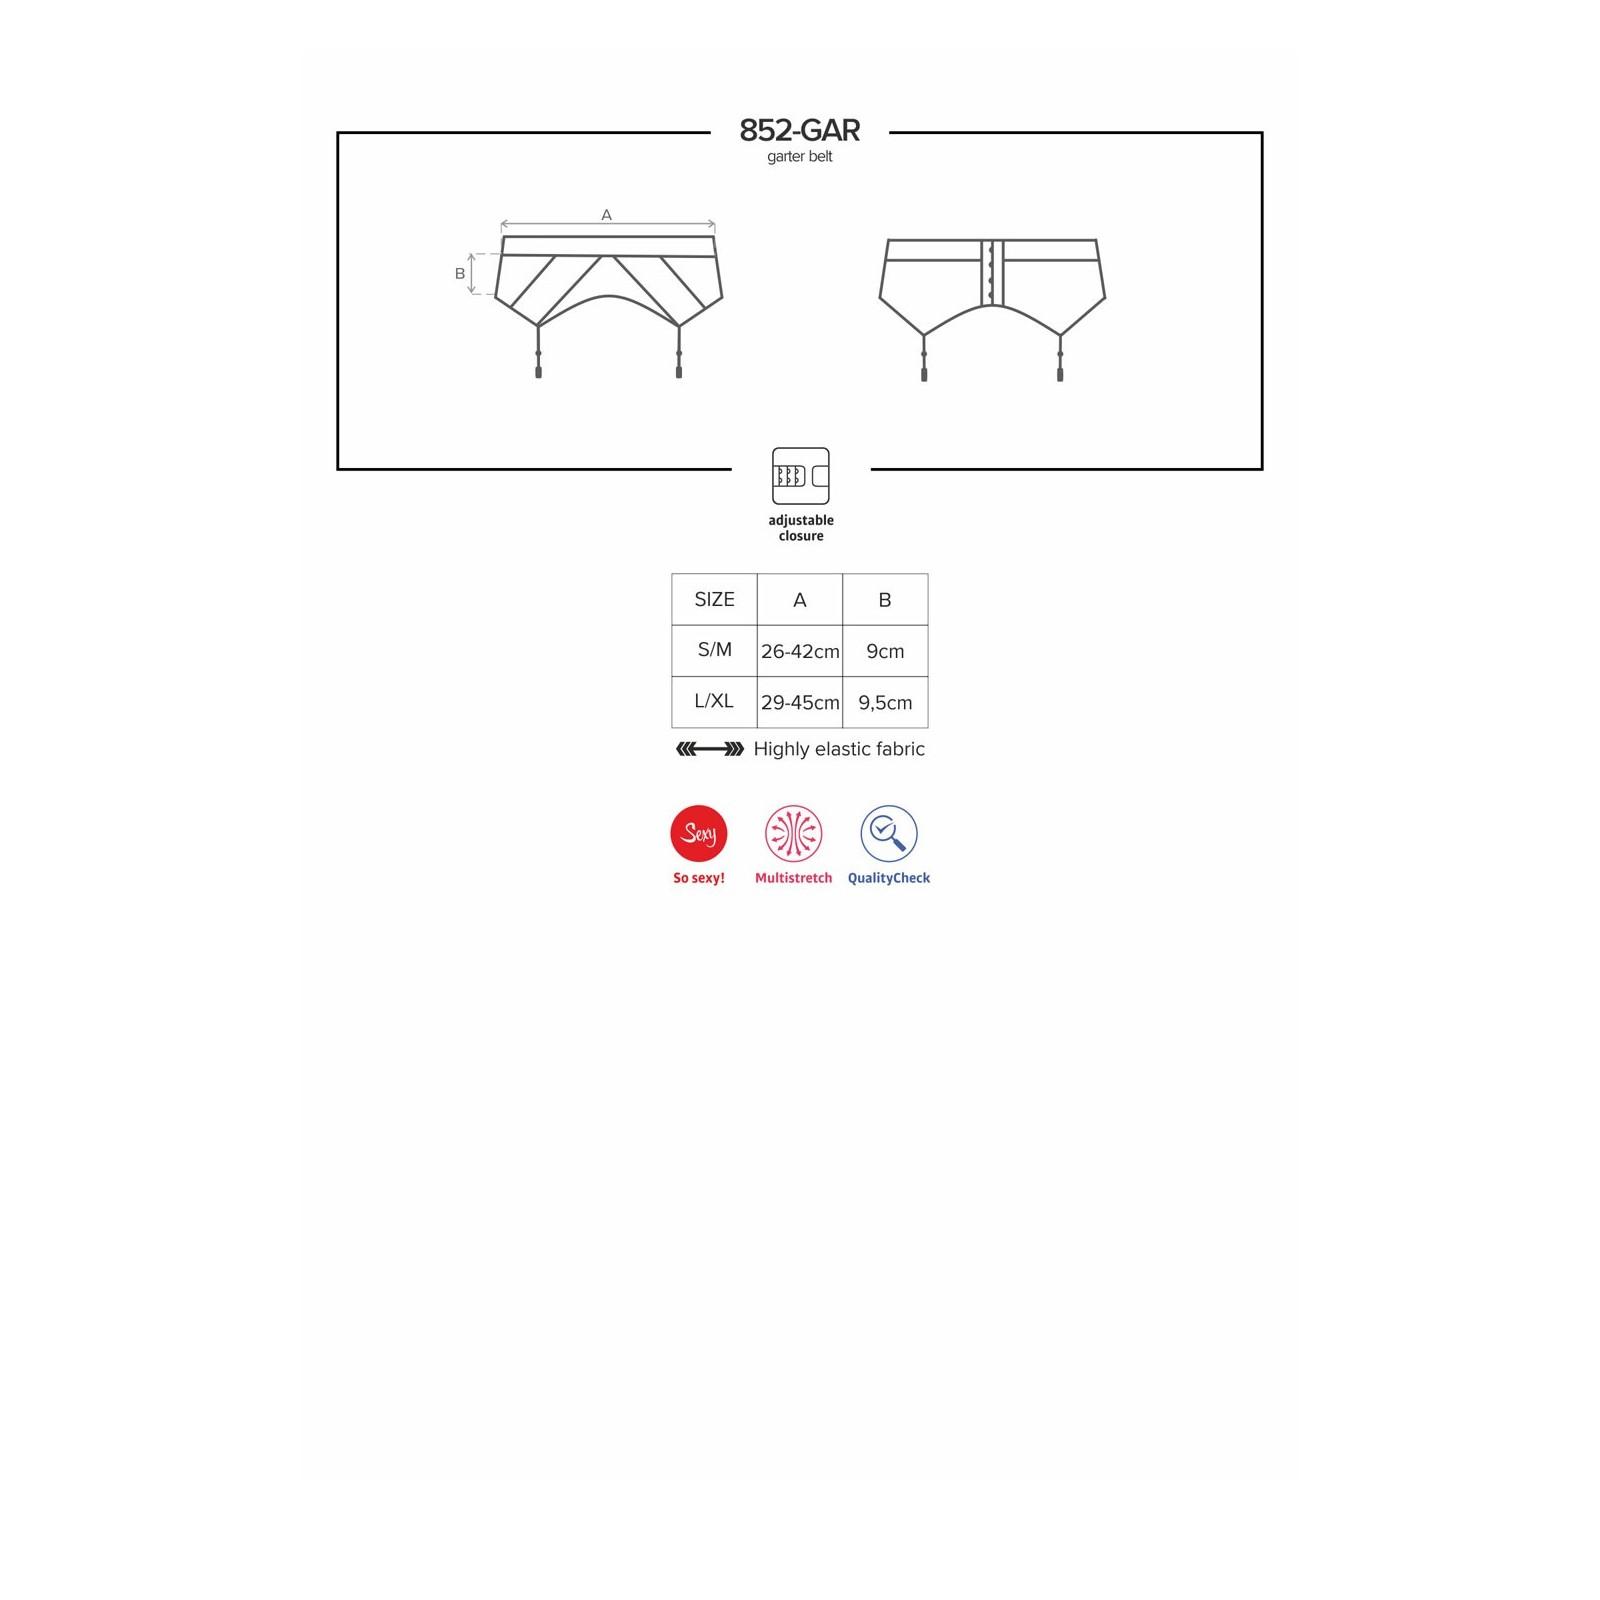 852-GAR-1 Garter Belt schwarz - 7 - Vorschaubild